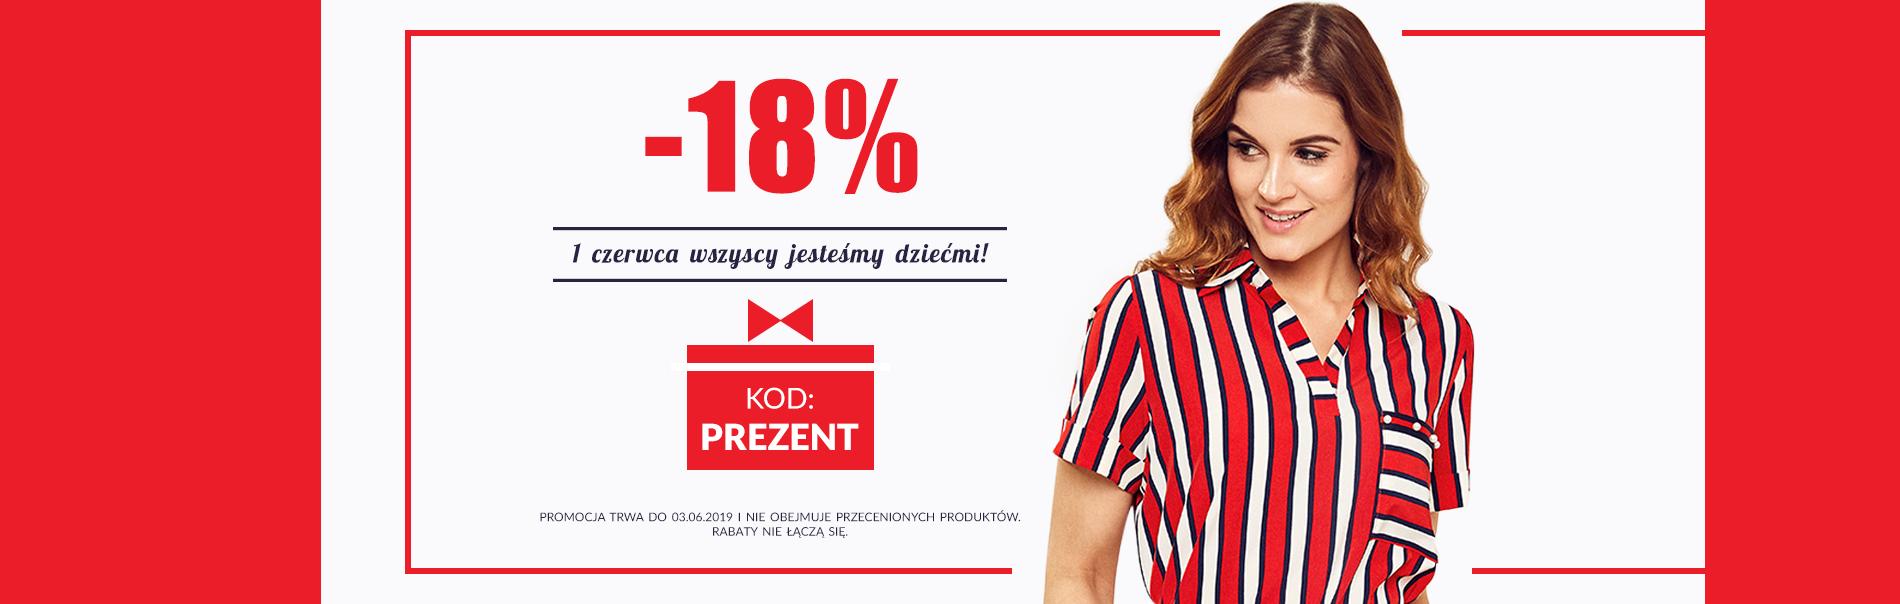 d0e9454999 Odzież damska online - sklep internetowy odzieżowy - ubrania damskie ...